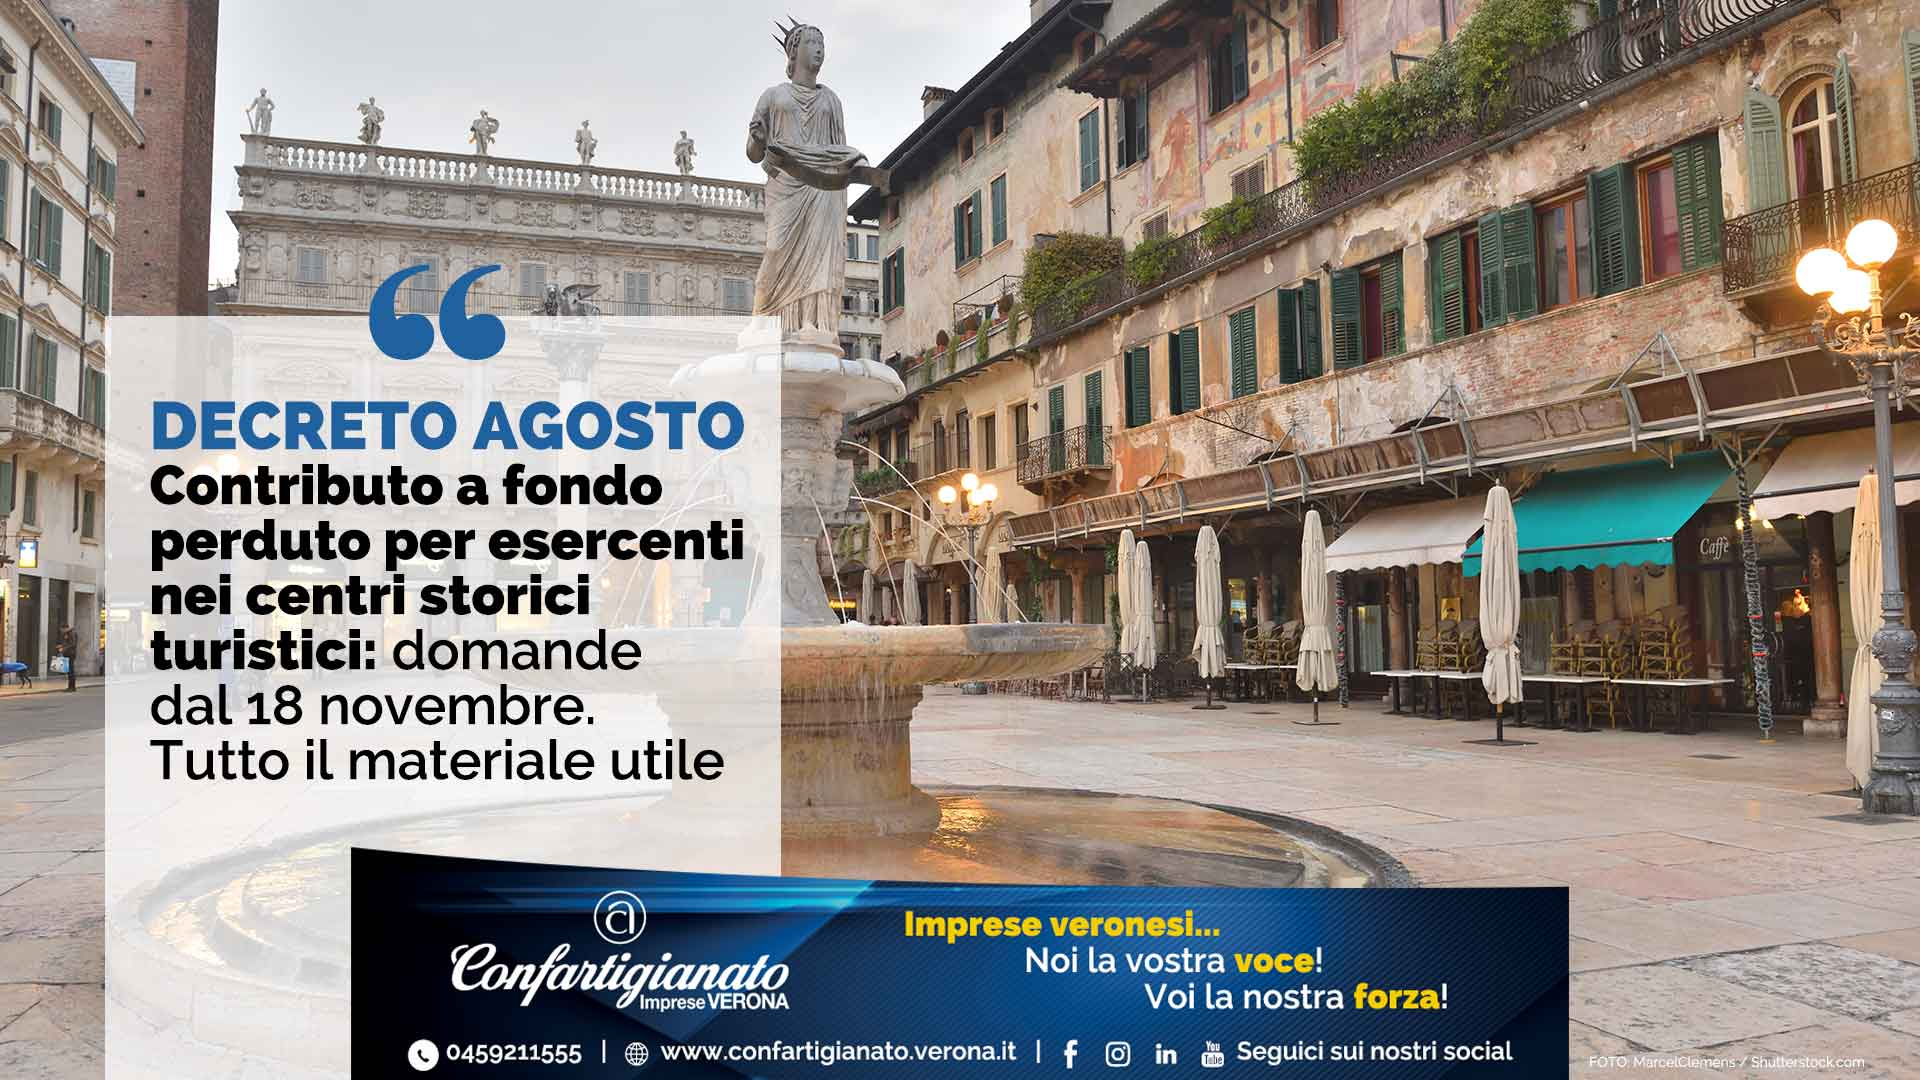 DECRETO AGOSTO – Contributo a fondo perduto per esercenti nei centri storici turistici: domande dal 18 novembre. Tutto il materiale utile